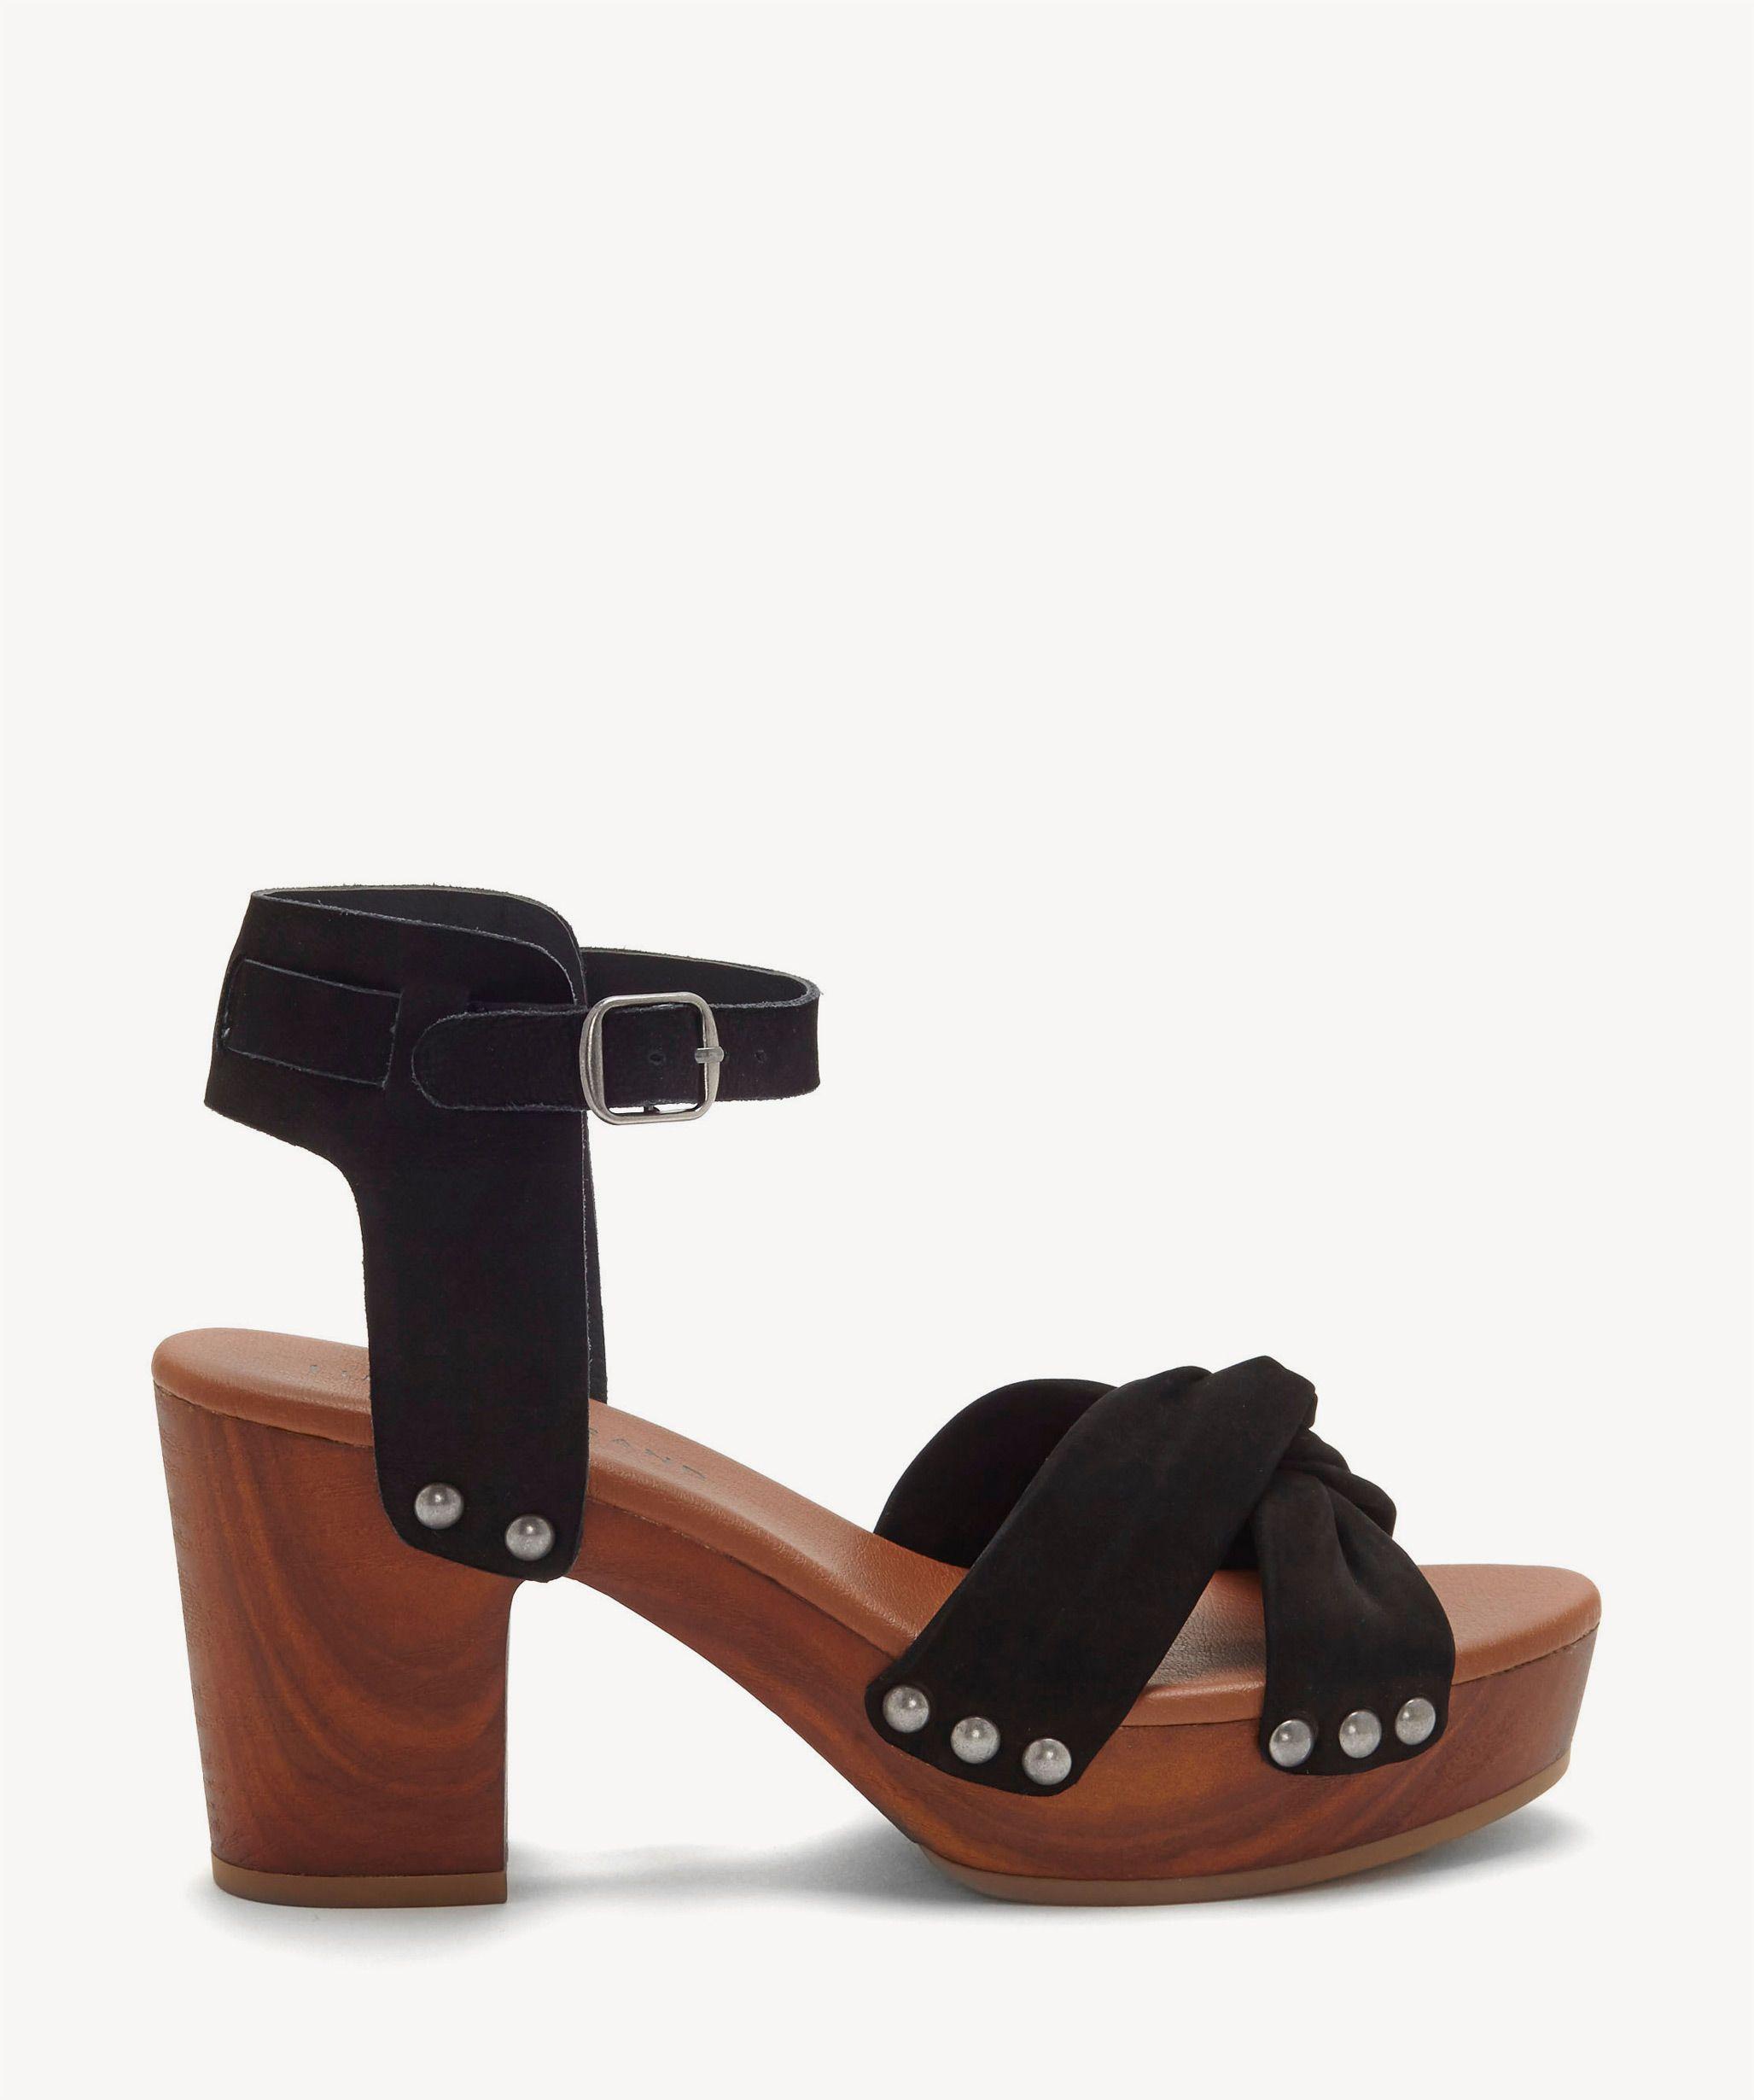 de1c6c62b48 Lucky Brand Whitneigh Platform Sandals Black